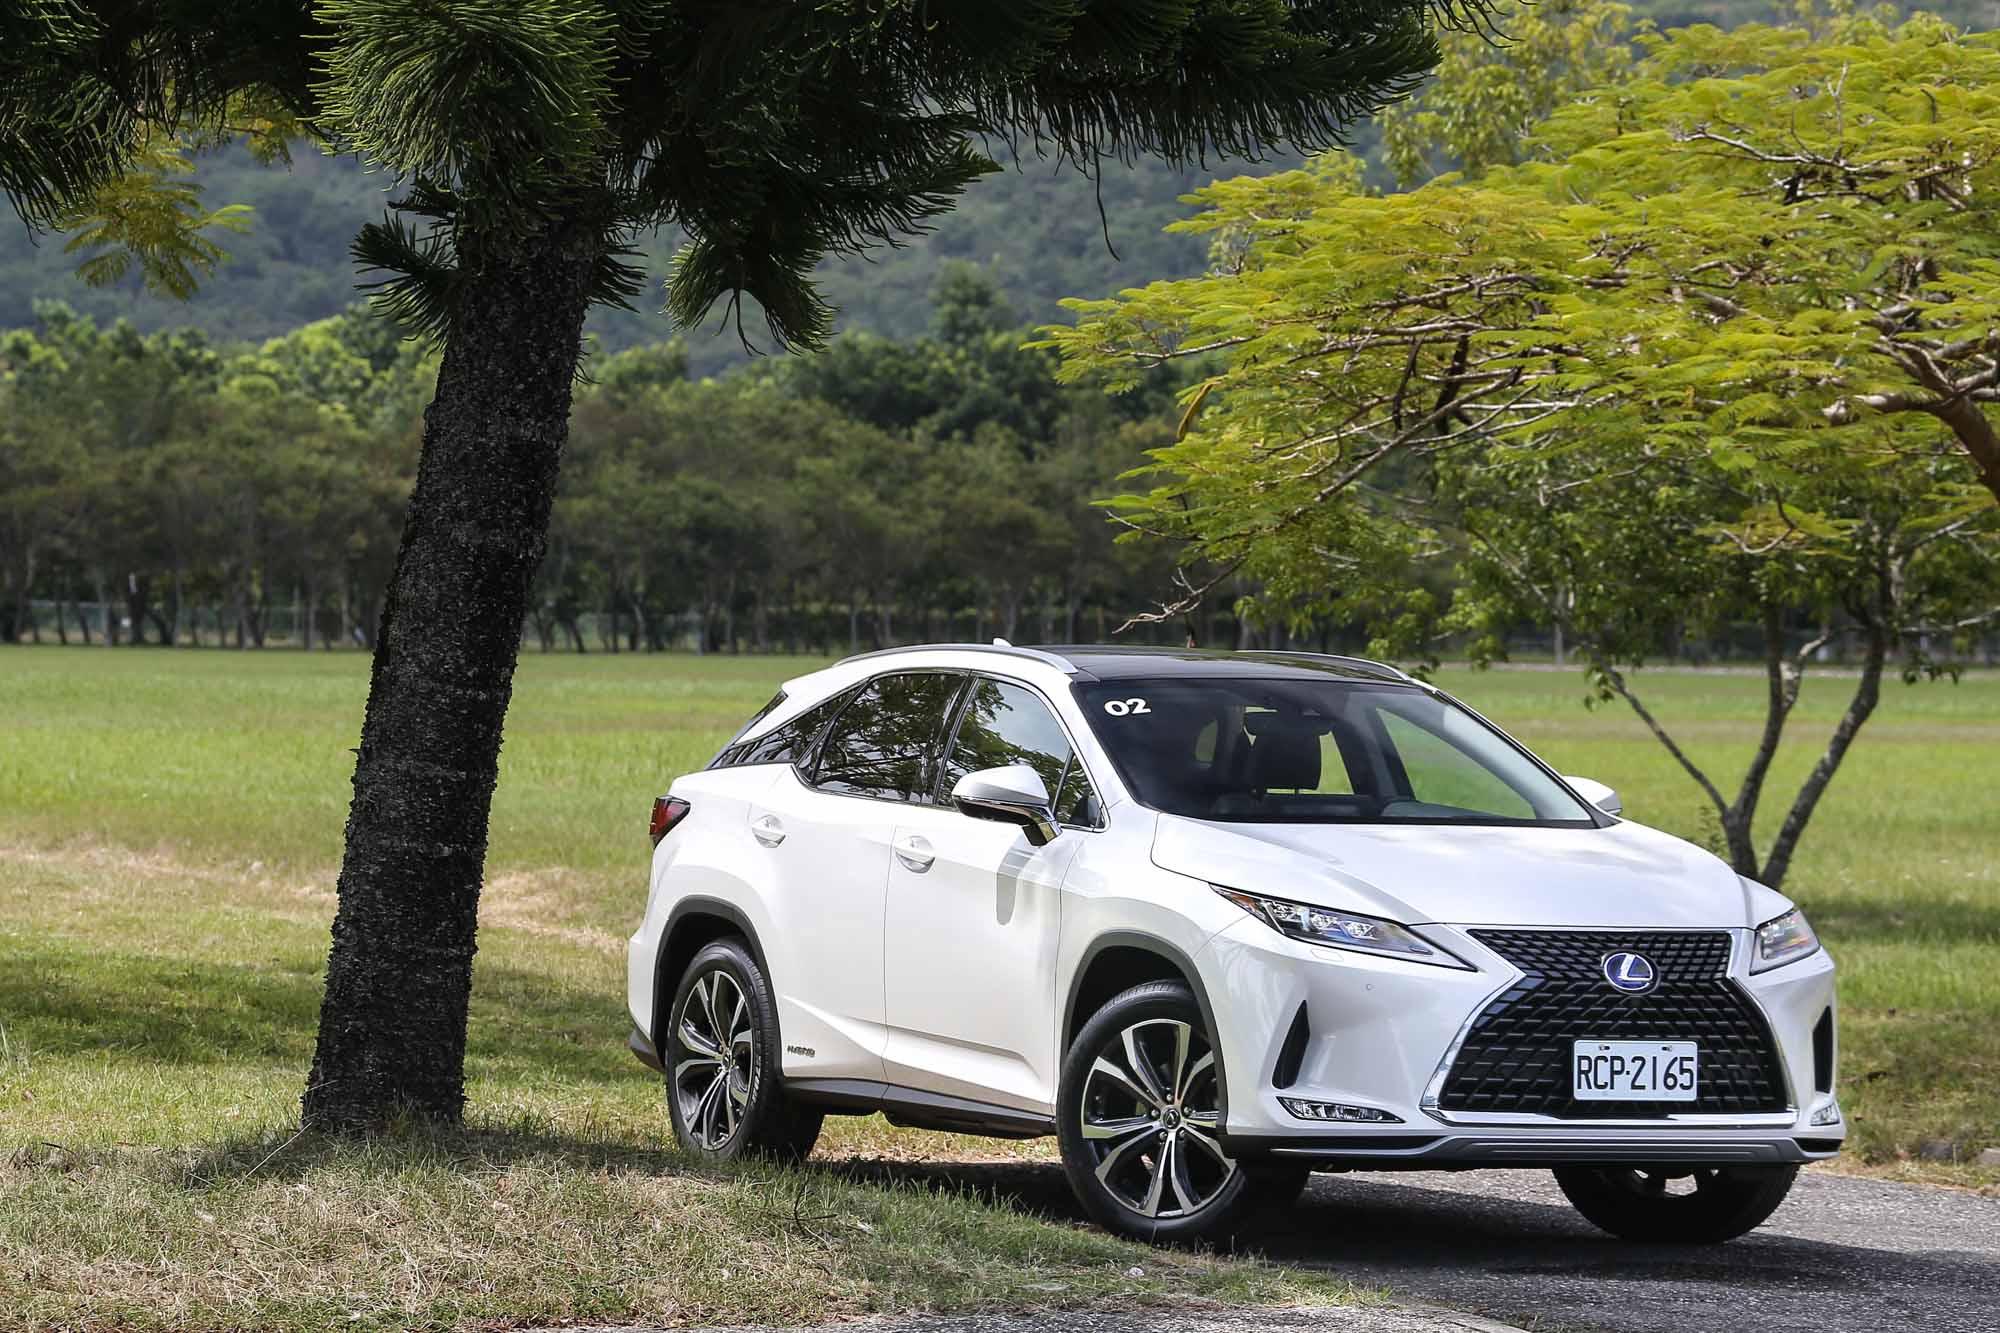 此次試駕車型為 RX 450h 旗艦版,售價為新台幣 338 萬元。